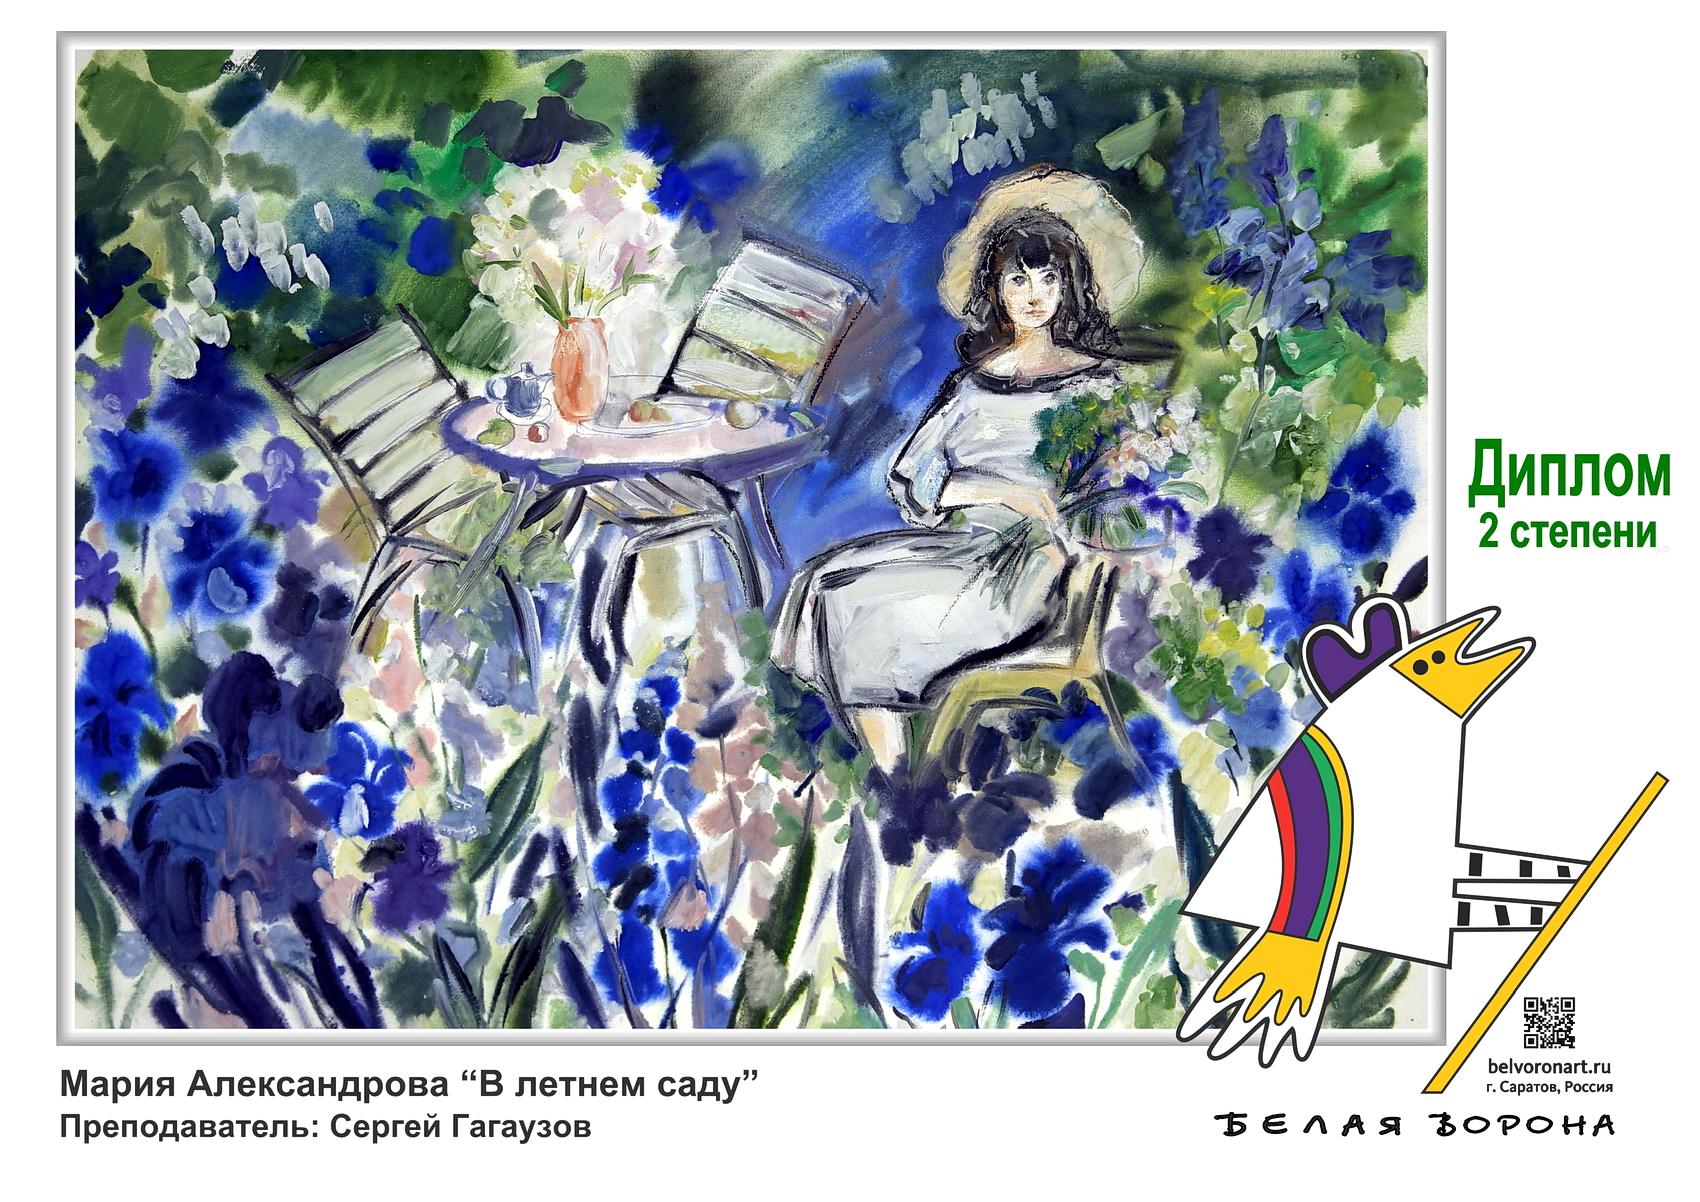 Mariya-Aleksandrova.jpg